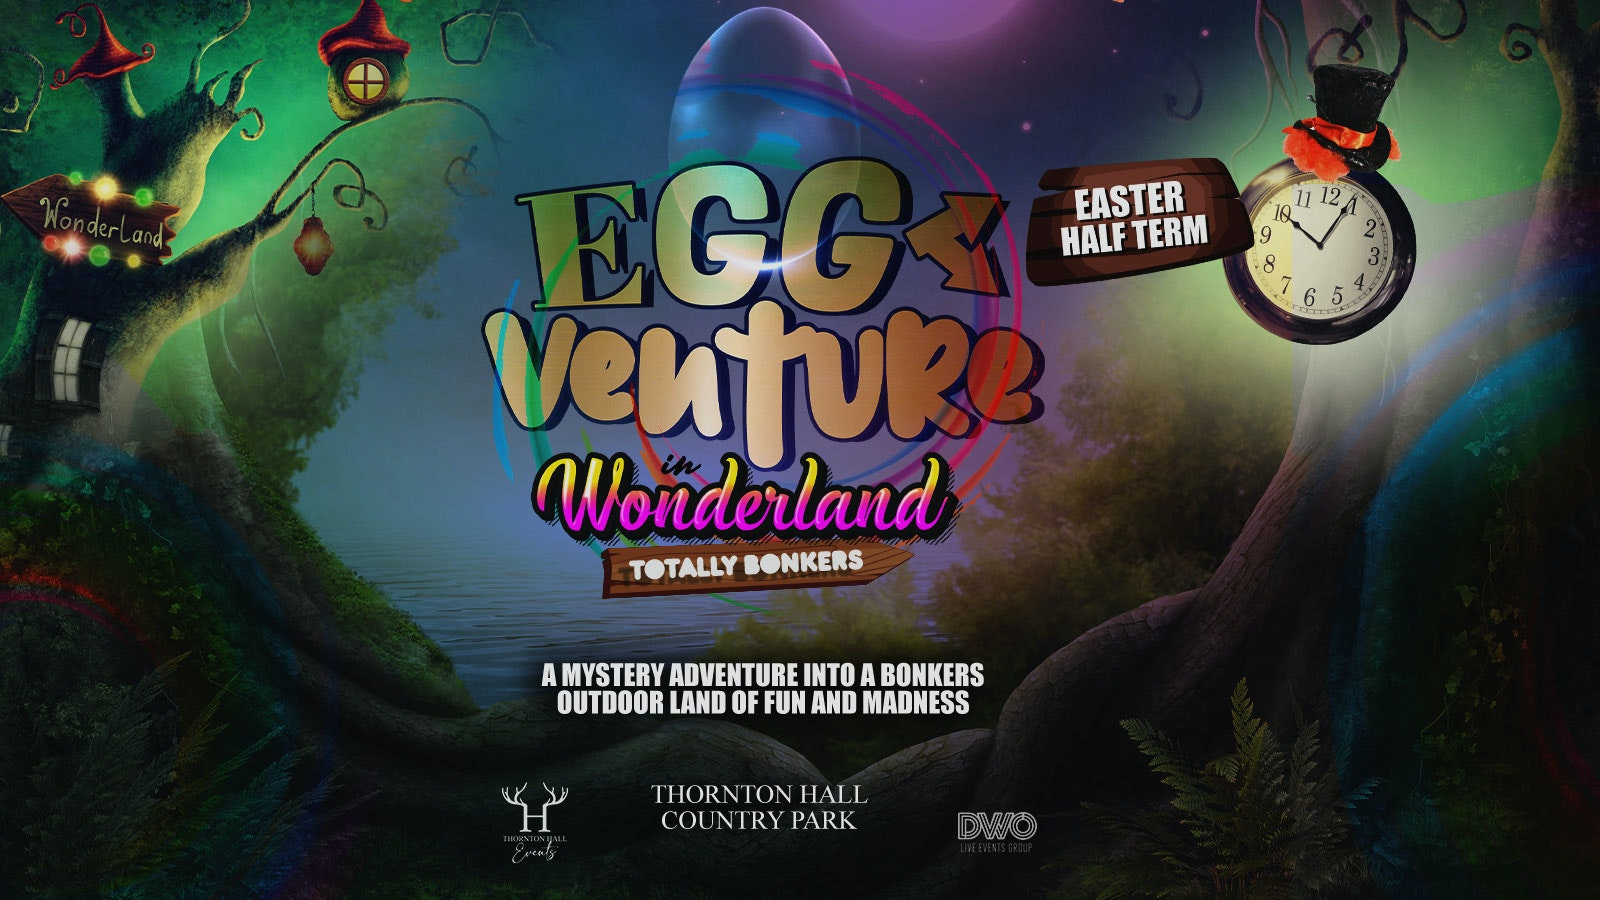 EggVenture in Wonderland – Monday 29th March – 12noon